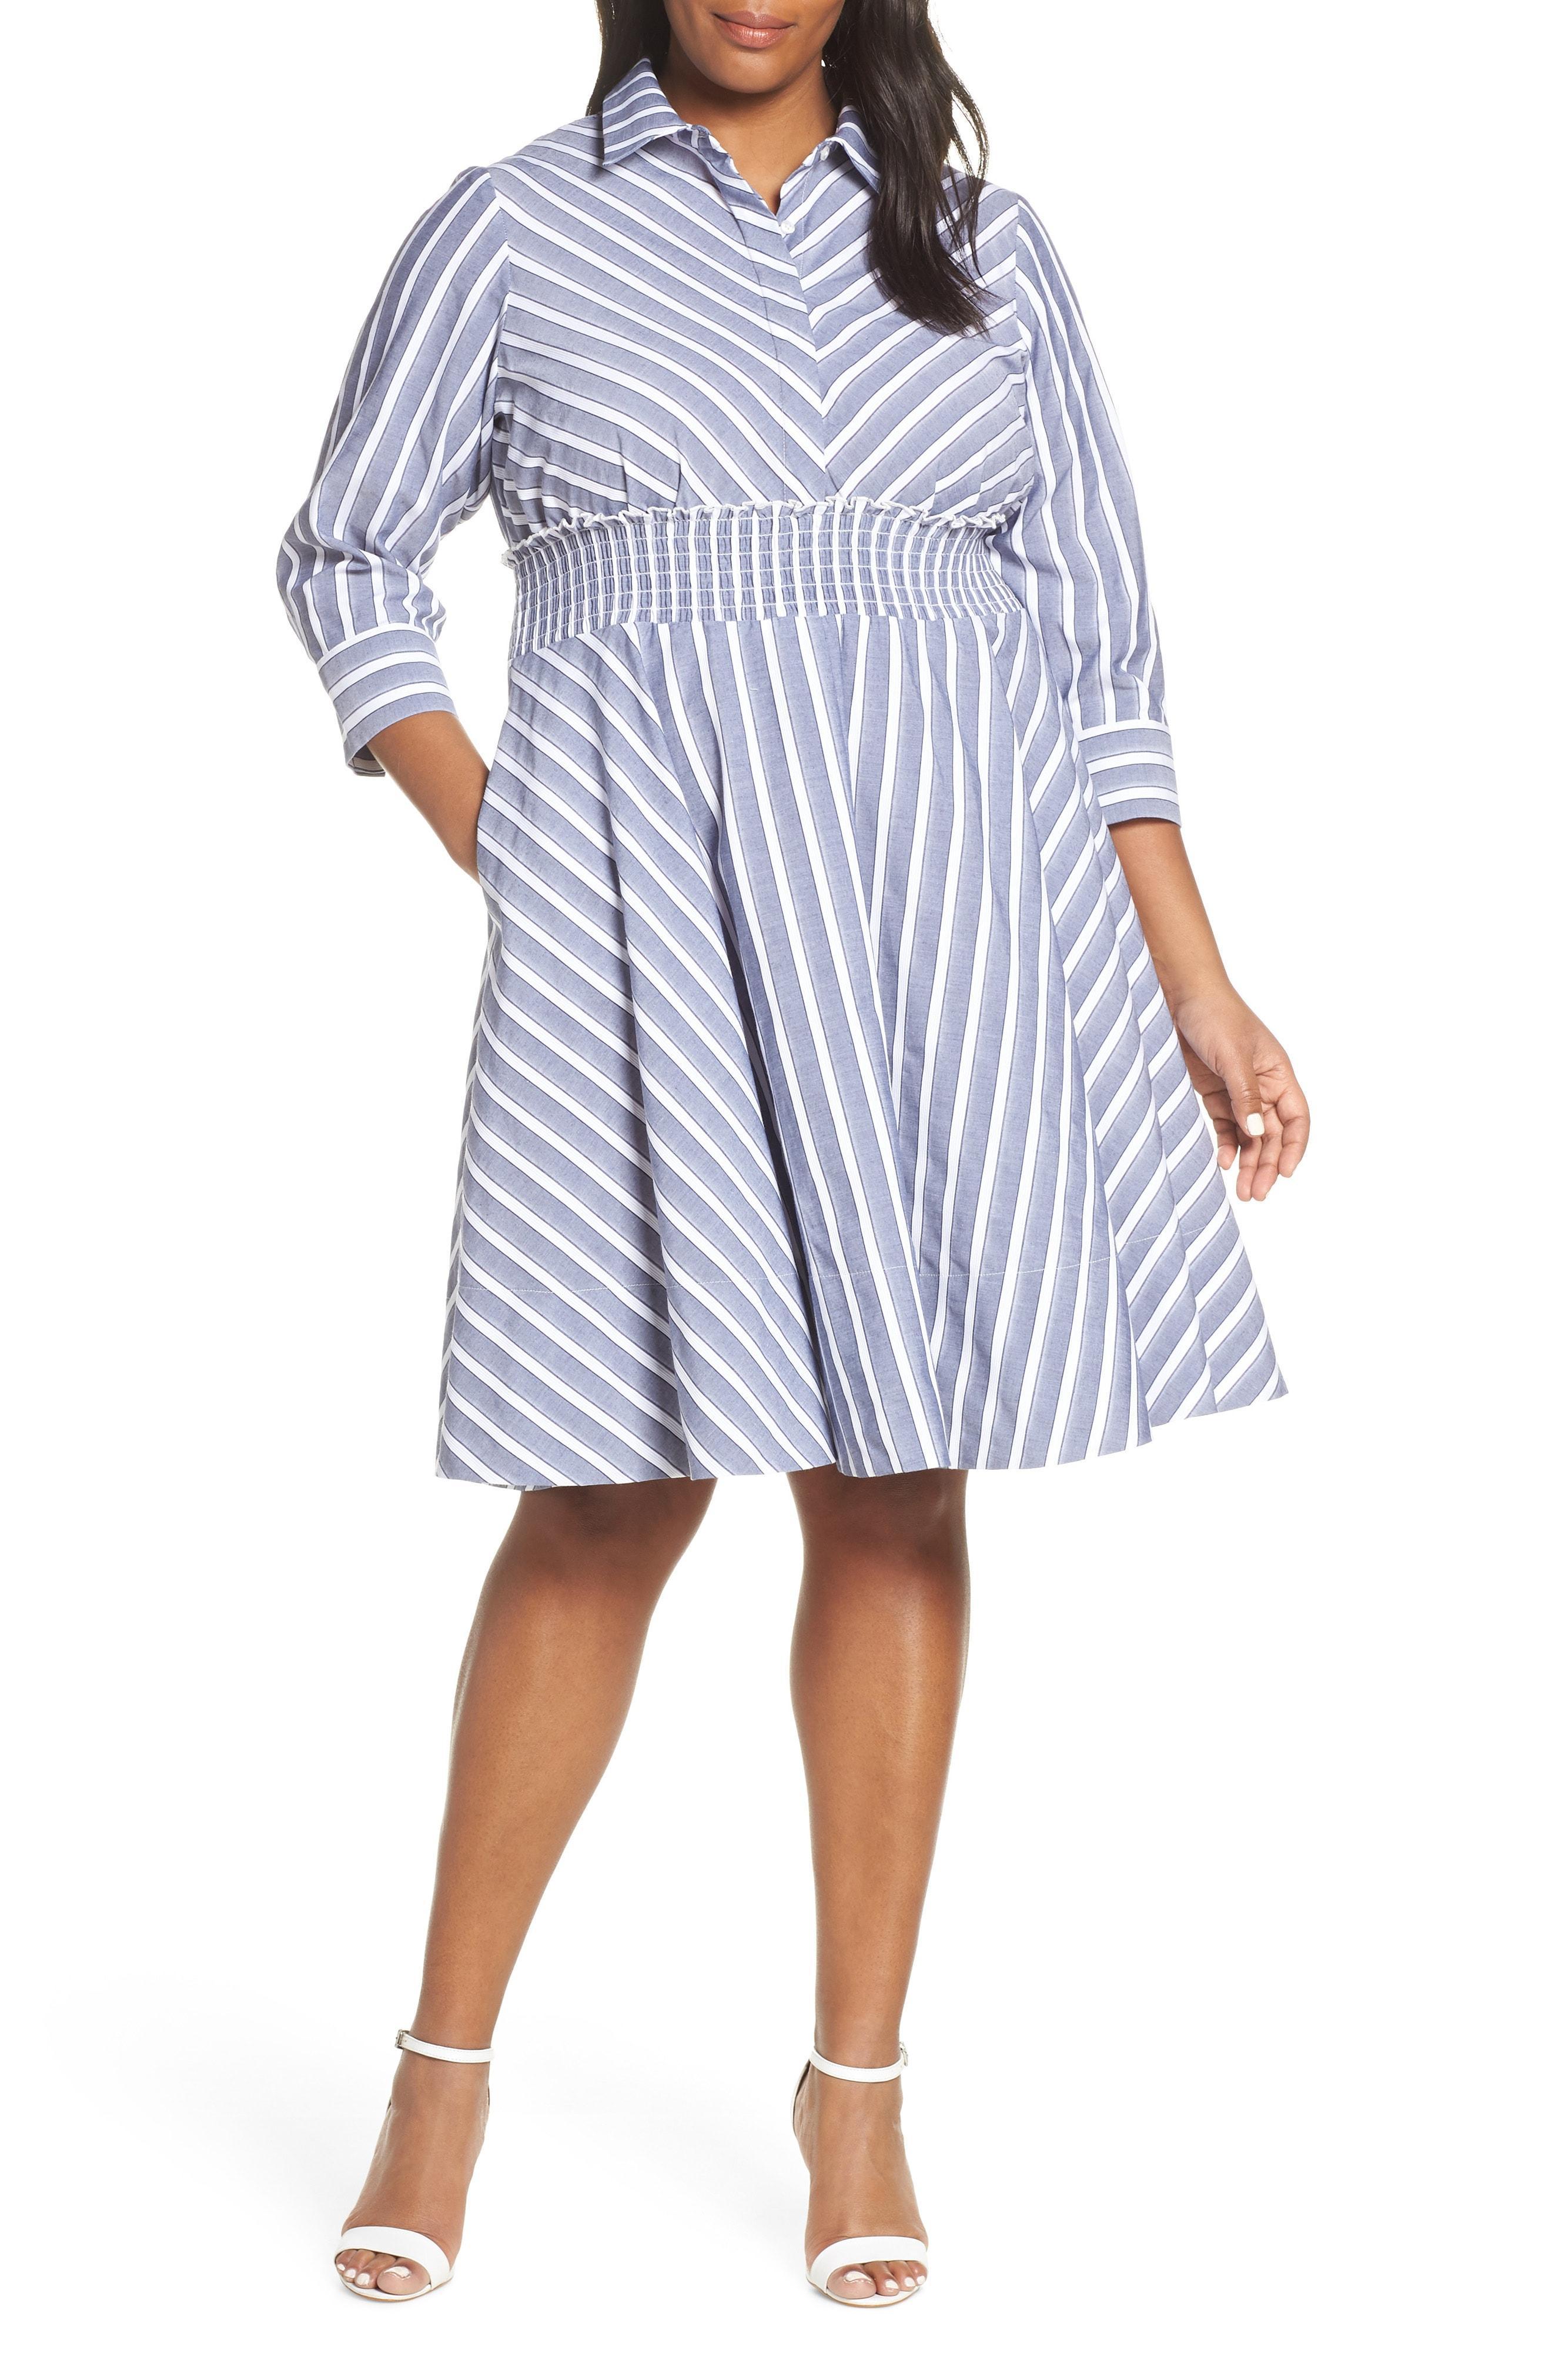 9d1e7deabeea Lyst - Eliza J Stripe Smocked Waist Shirtdress in Blue